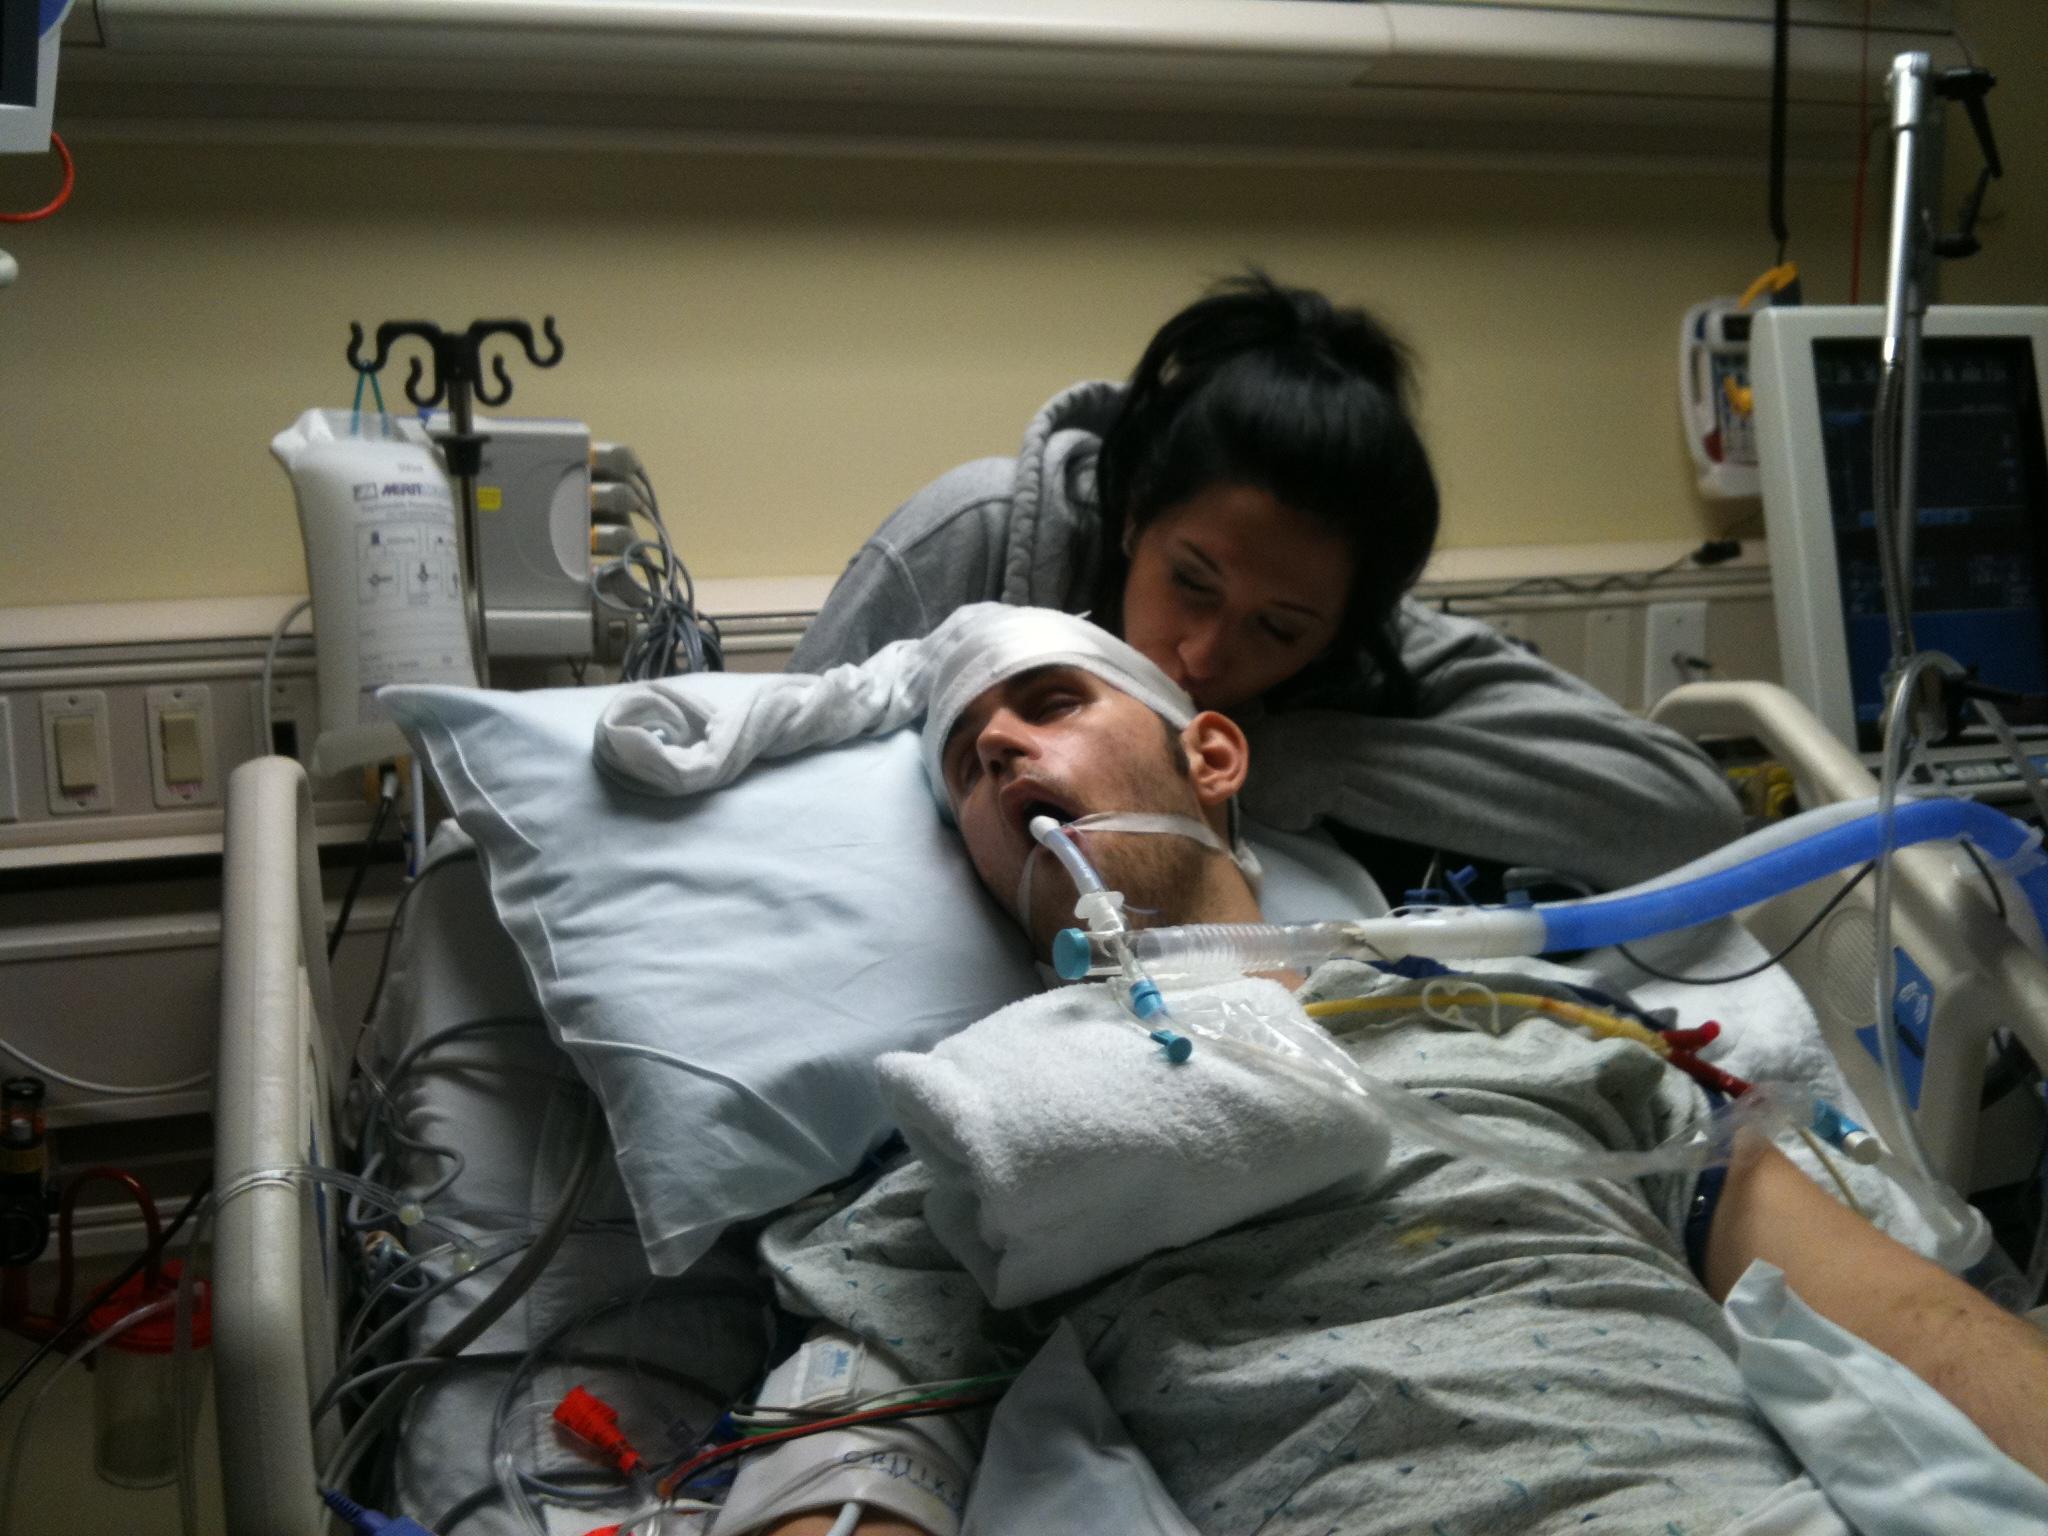 Kari and Ryan in ICU